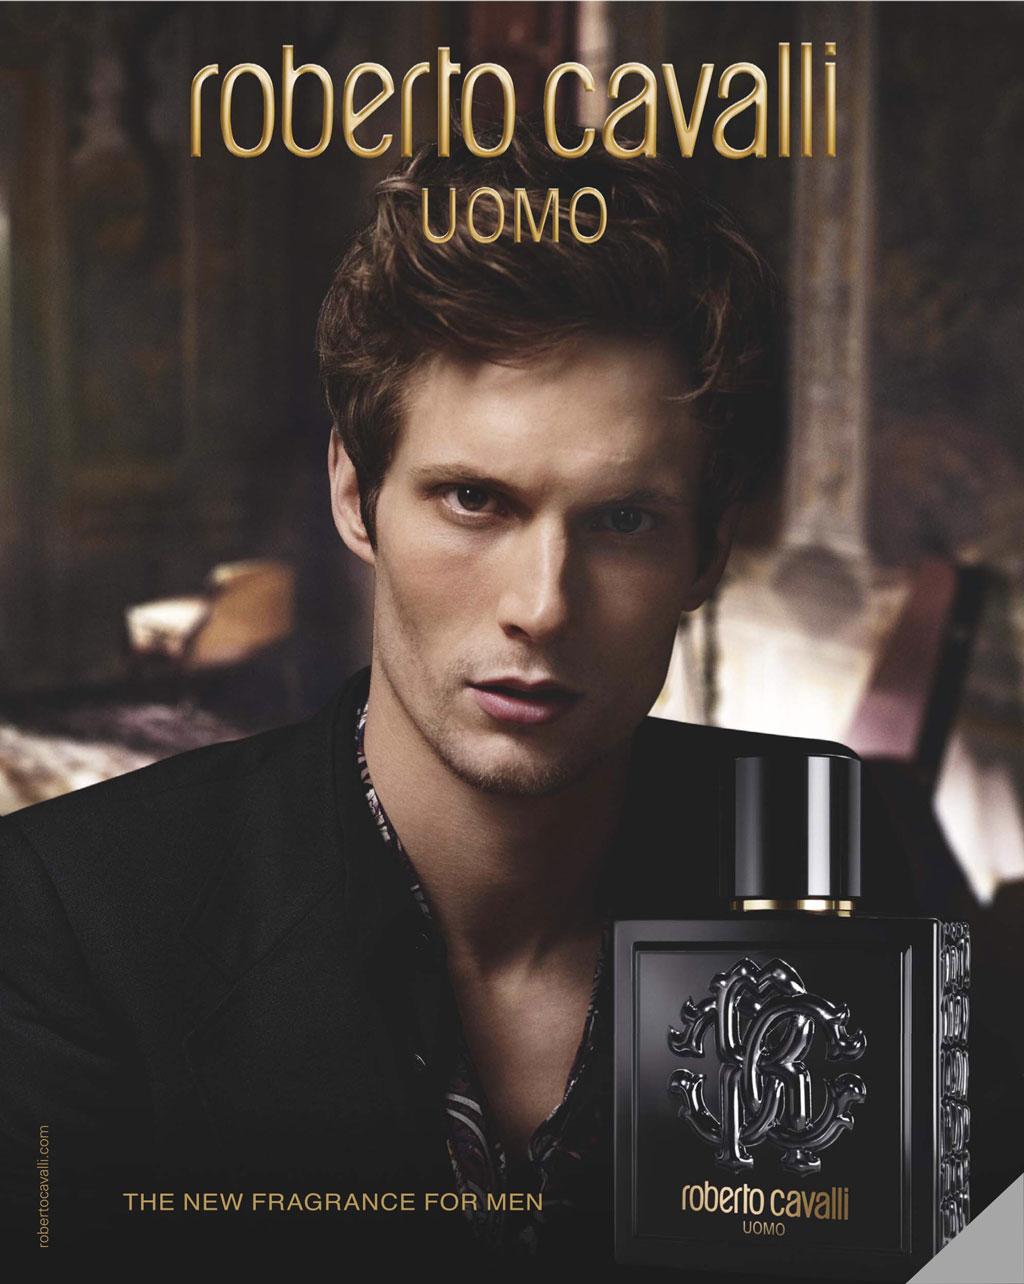 Cavalli uomo roberto cavalli cologne a new fragrance for men 2016